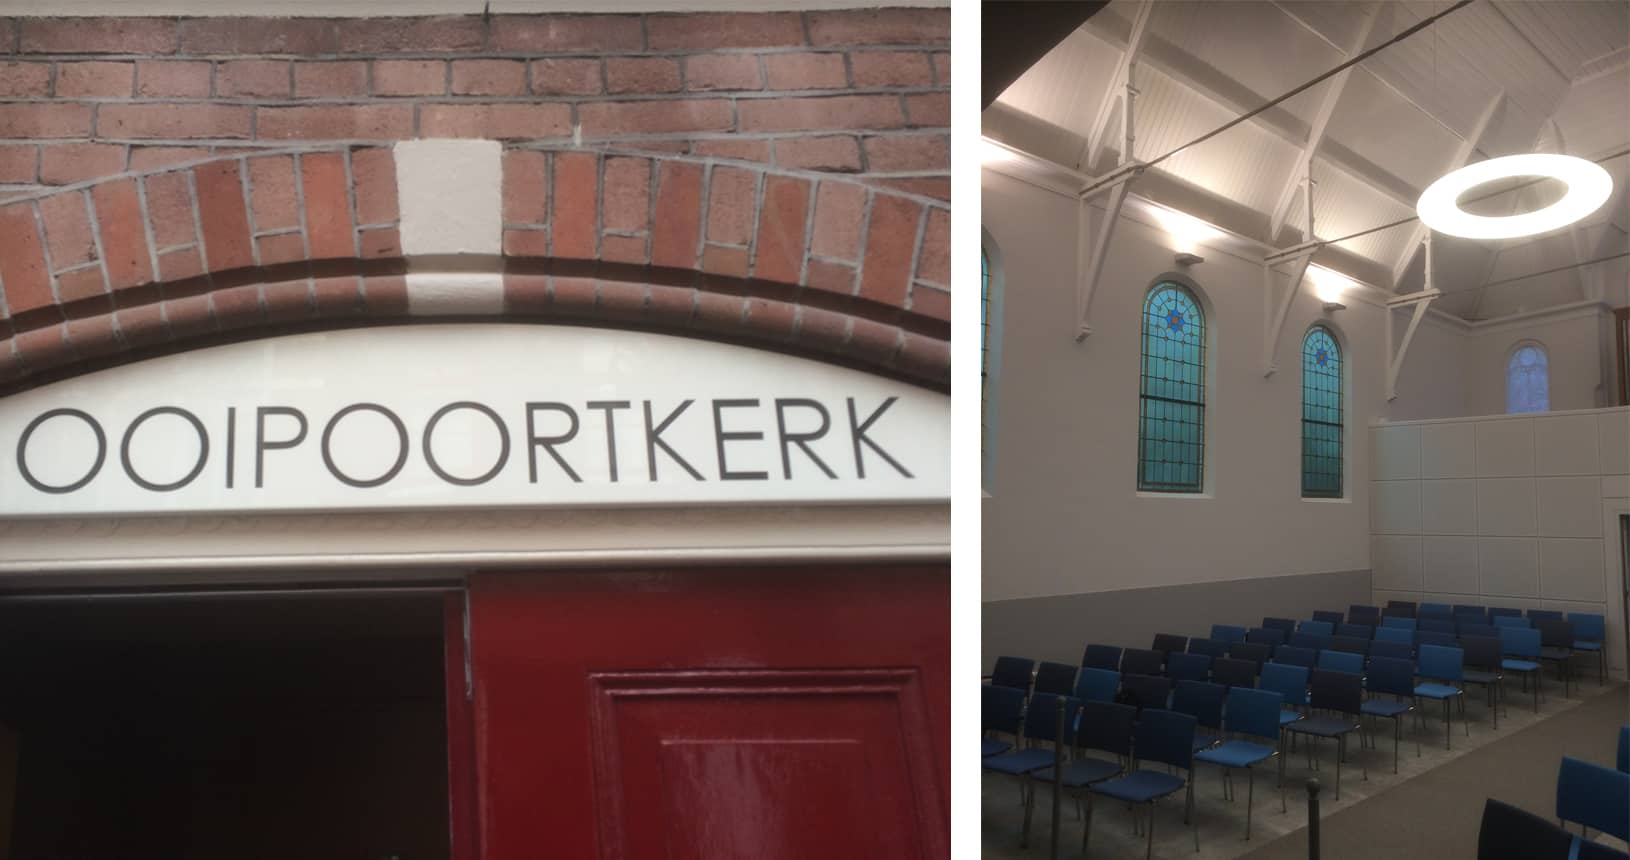 Ooipoortkerk-Doesburg-BJ1